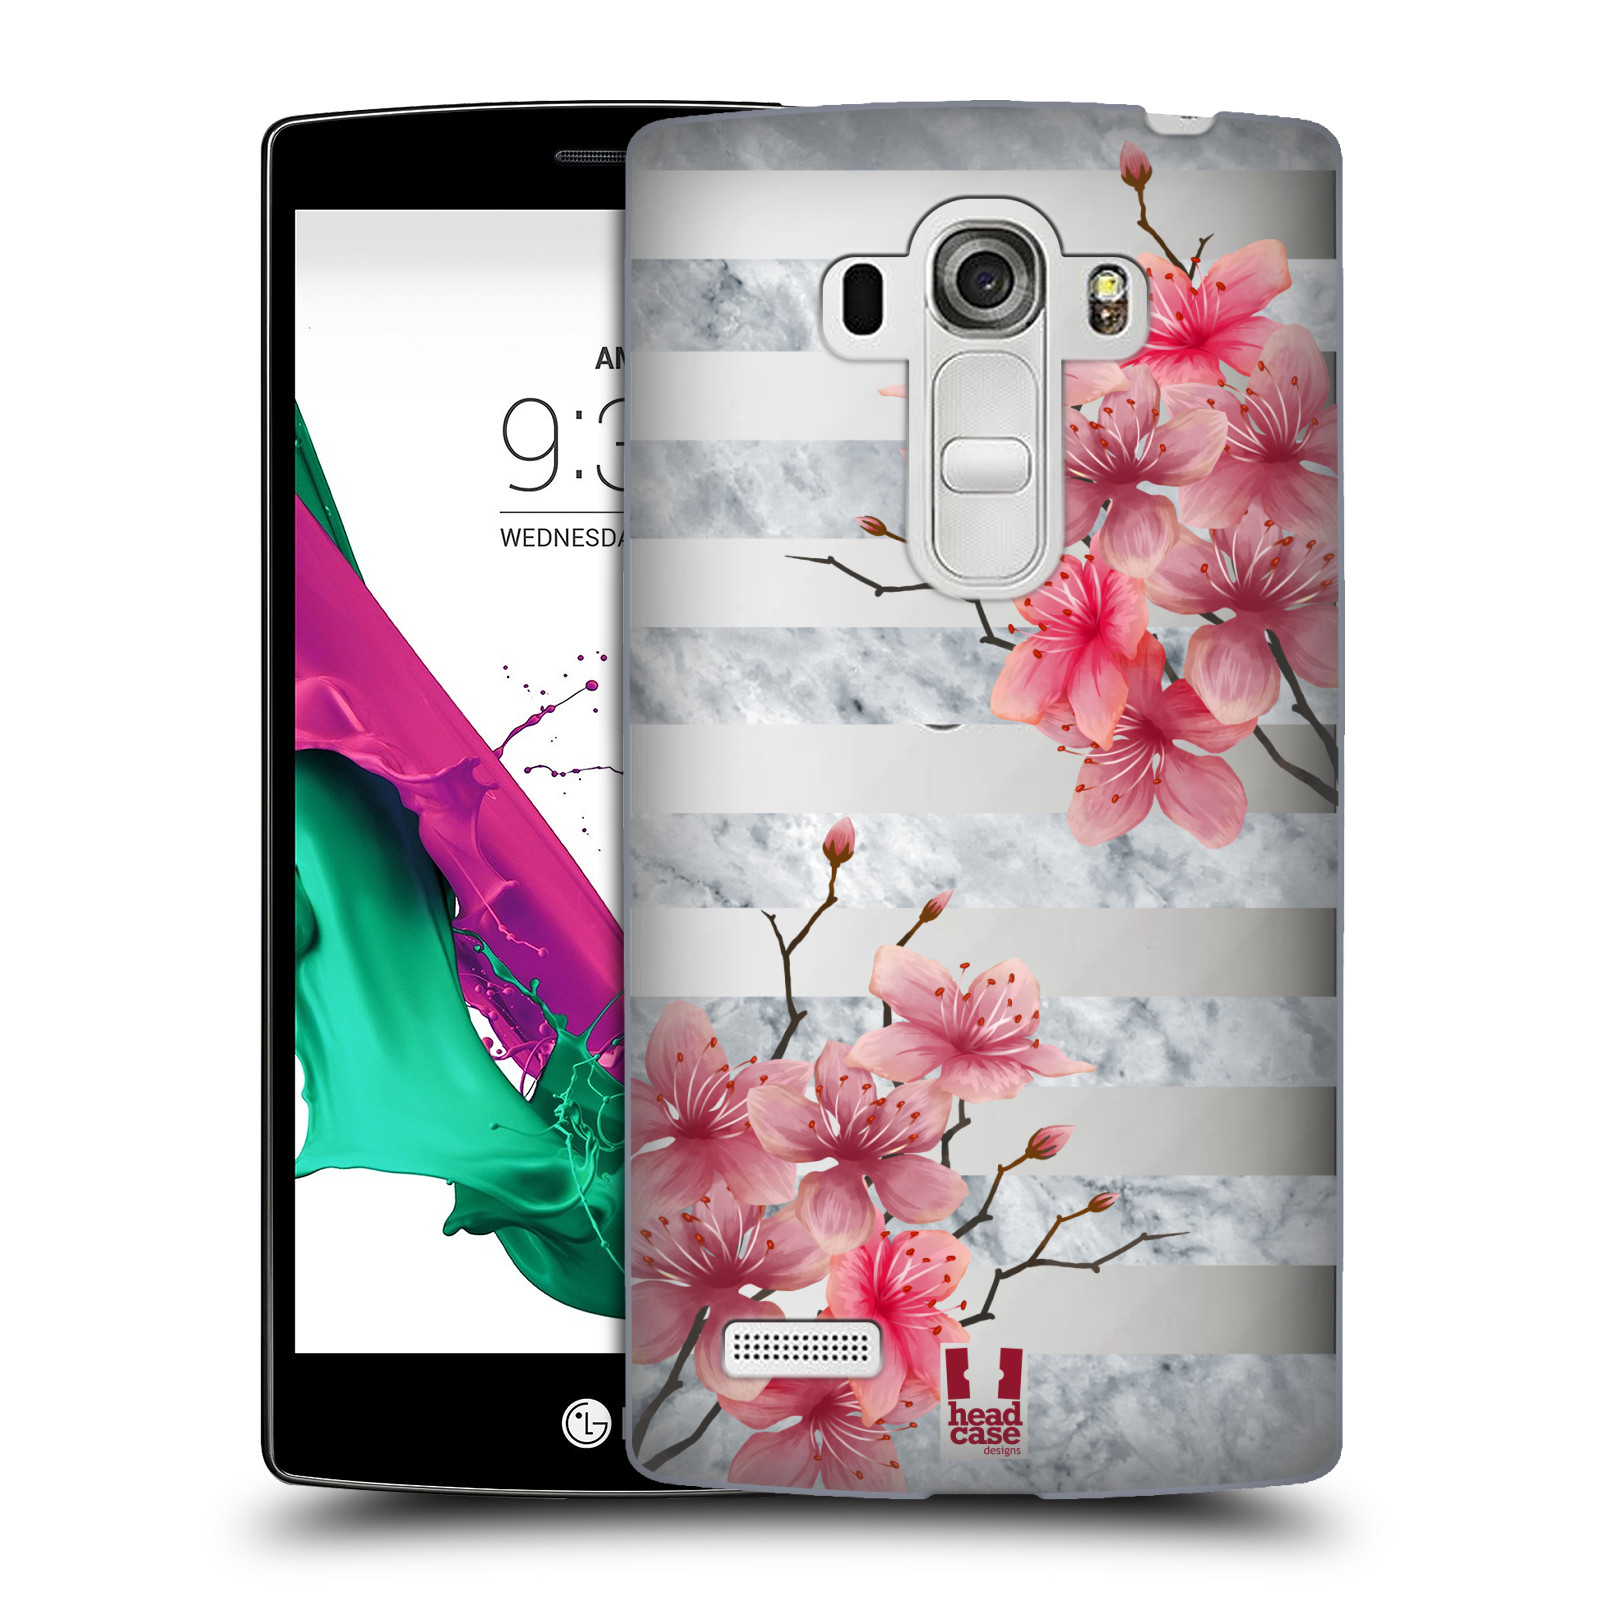 Plastové pouzdro na mobil LG G4s - Head Case - Kvítka a mramor